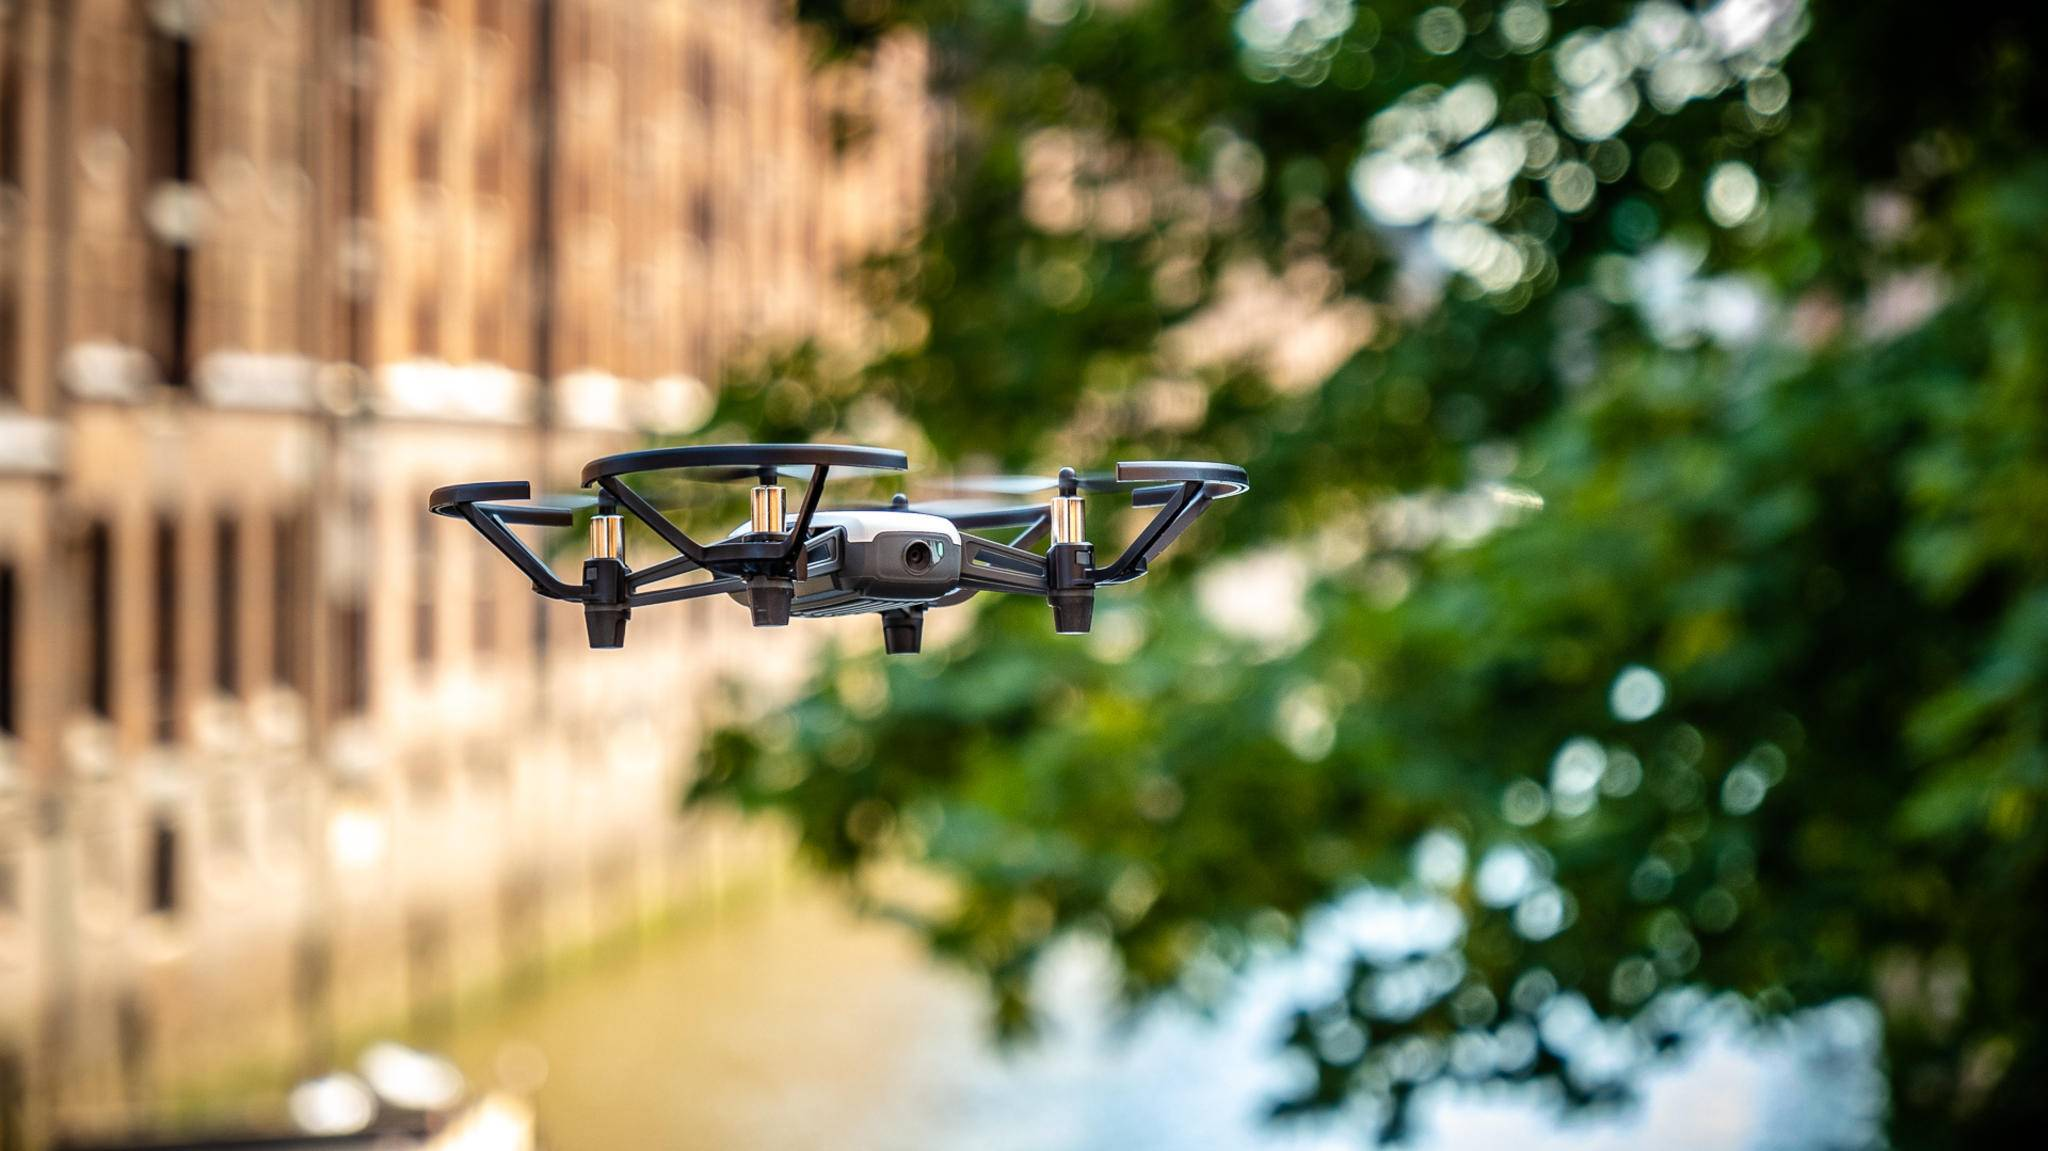 Die Tello ist eine Fun-Drohne mit DJI-Technik an Bord.